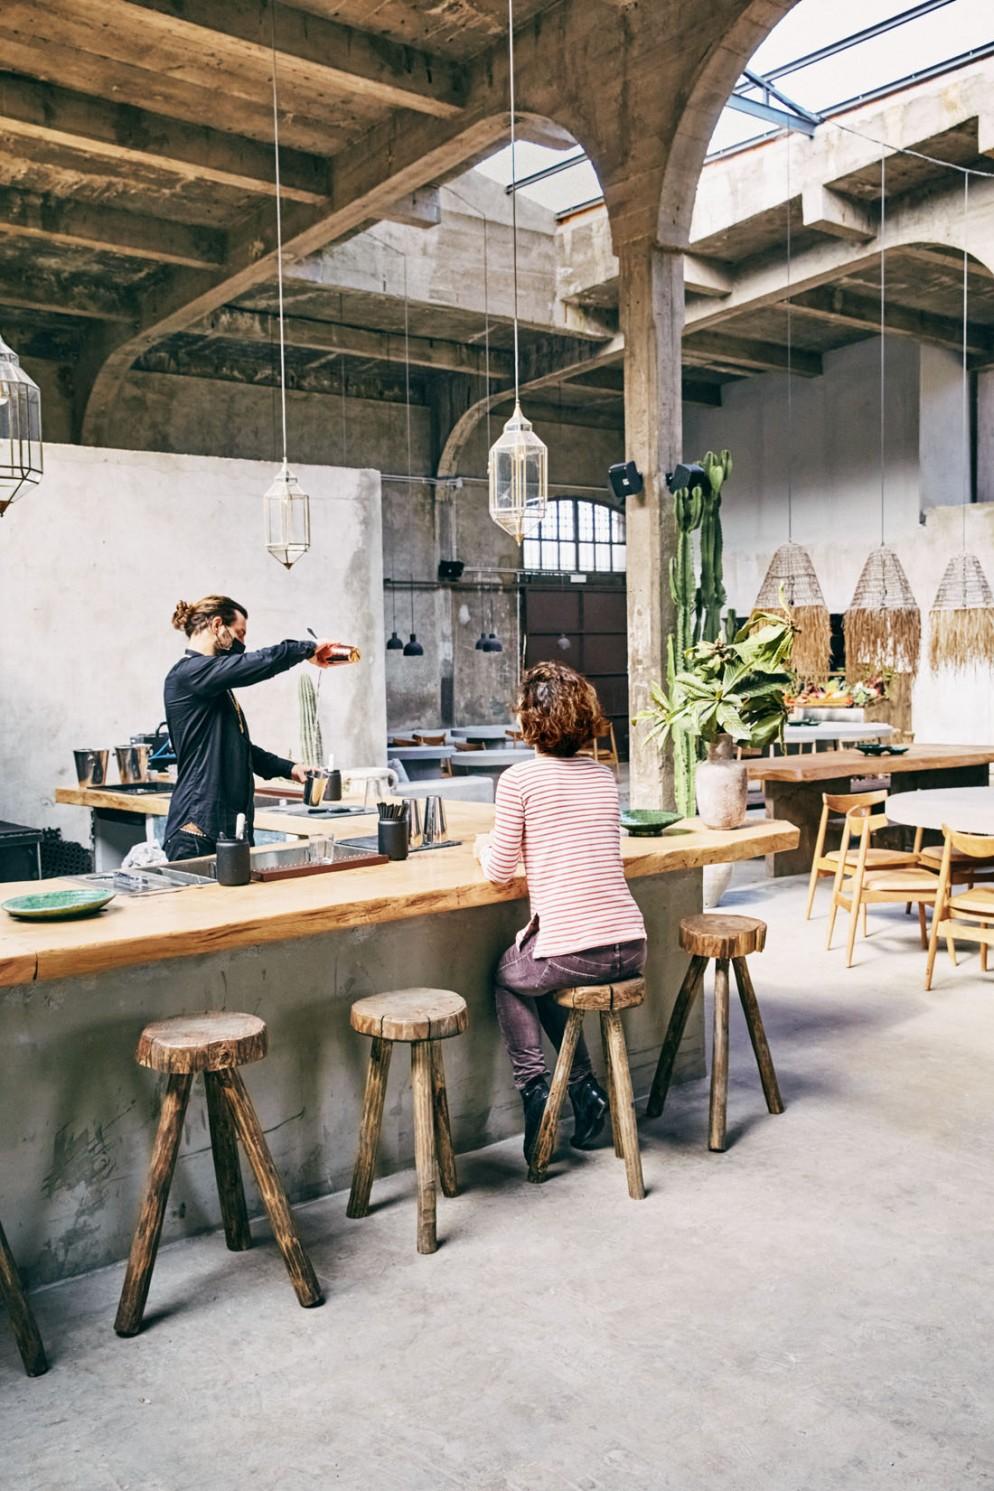 scalo-lambrate-co-working-mercato-sostenibile-start-up-vetrina-designer-artisti-ristorante-05